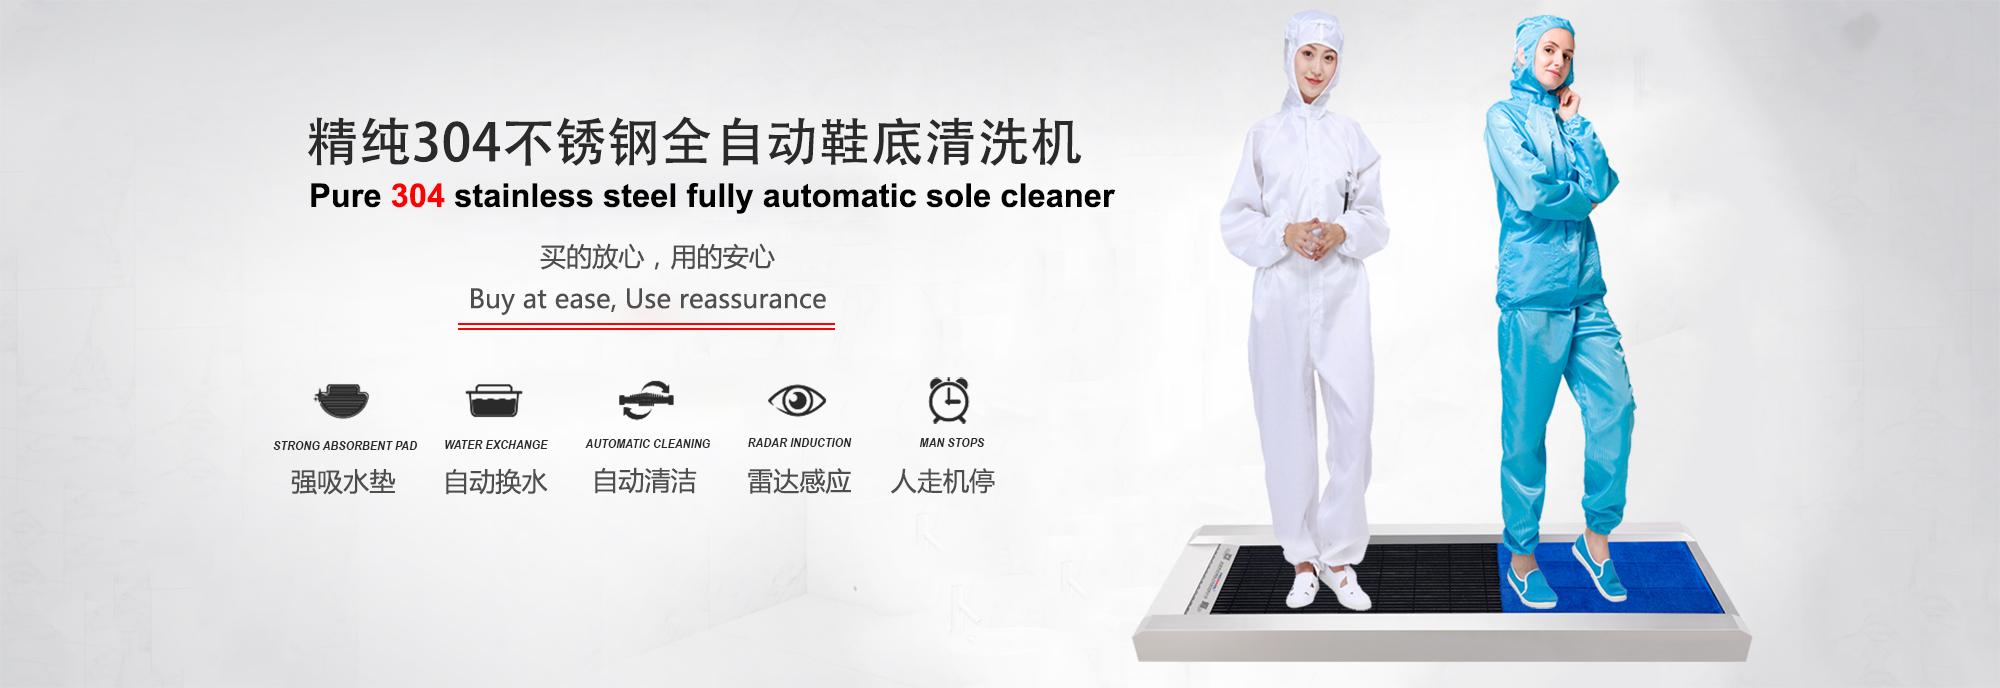 中国合瑞科技全自动鞋底清洁机清洗机